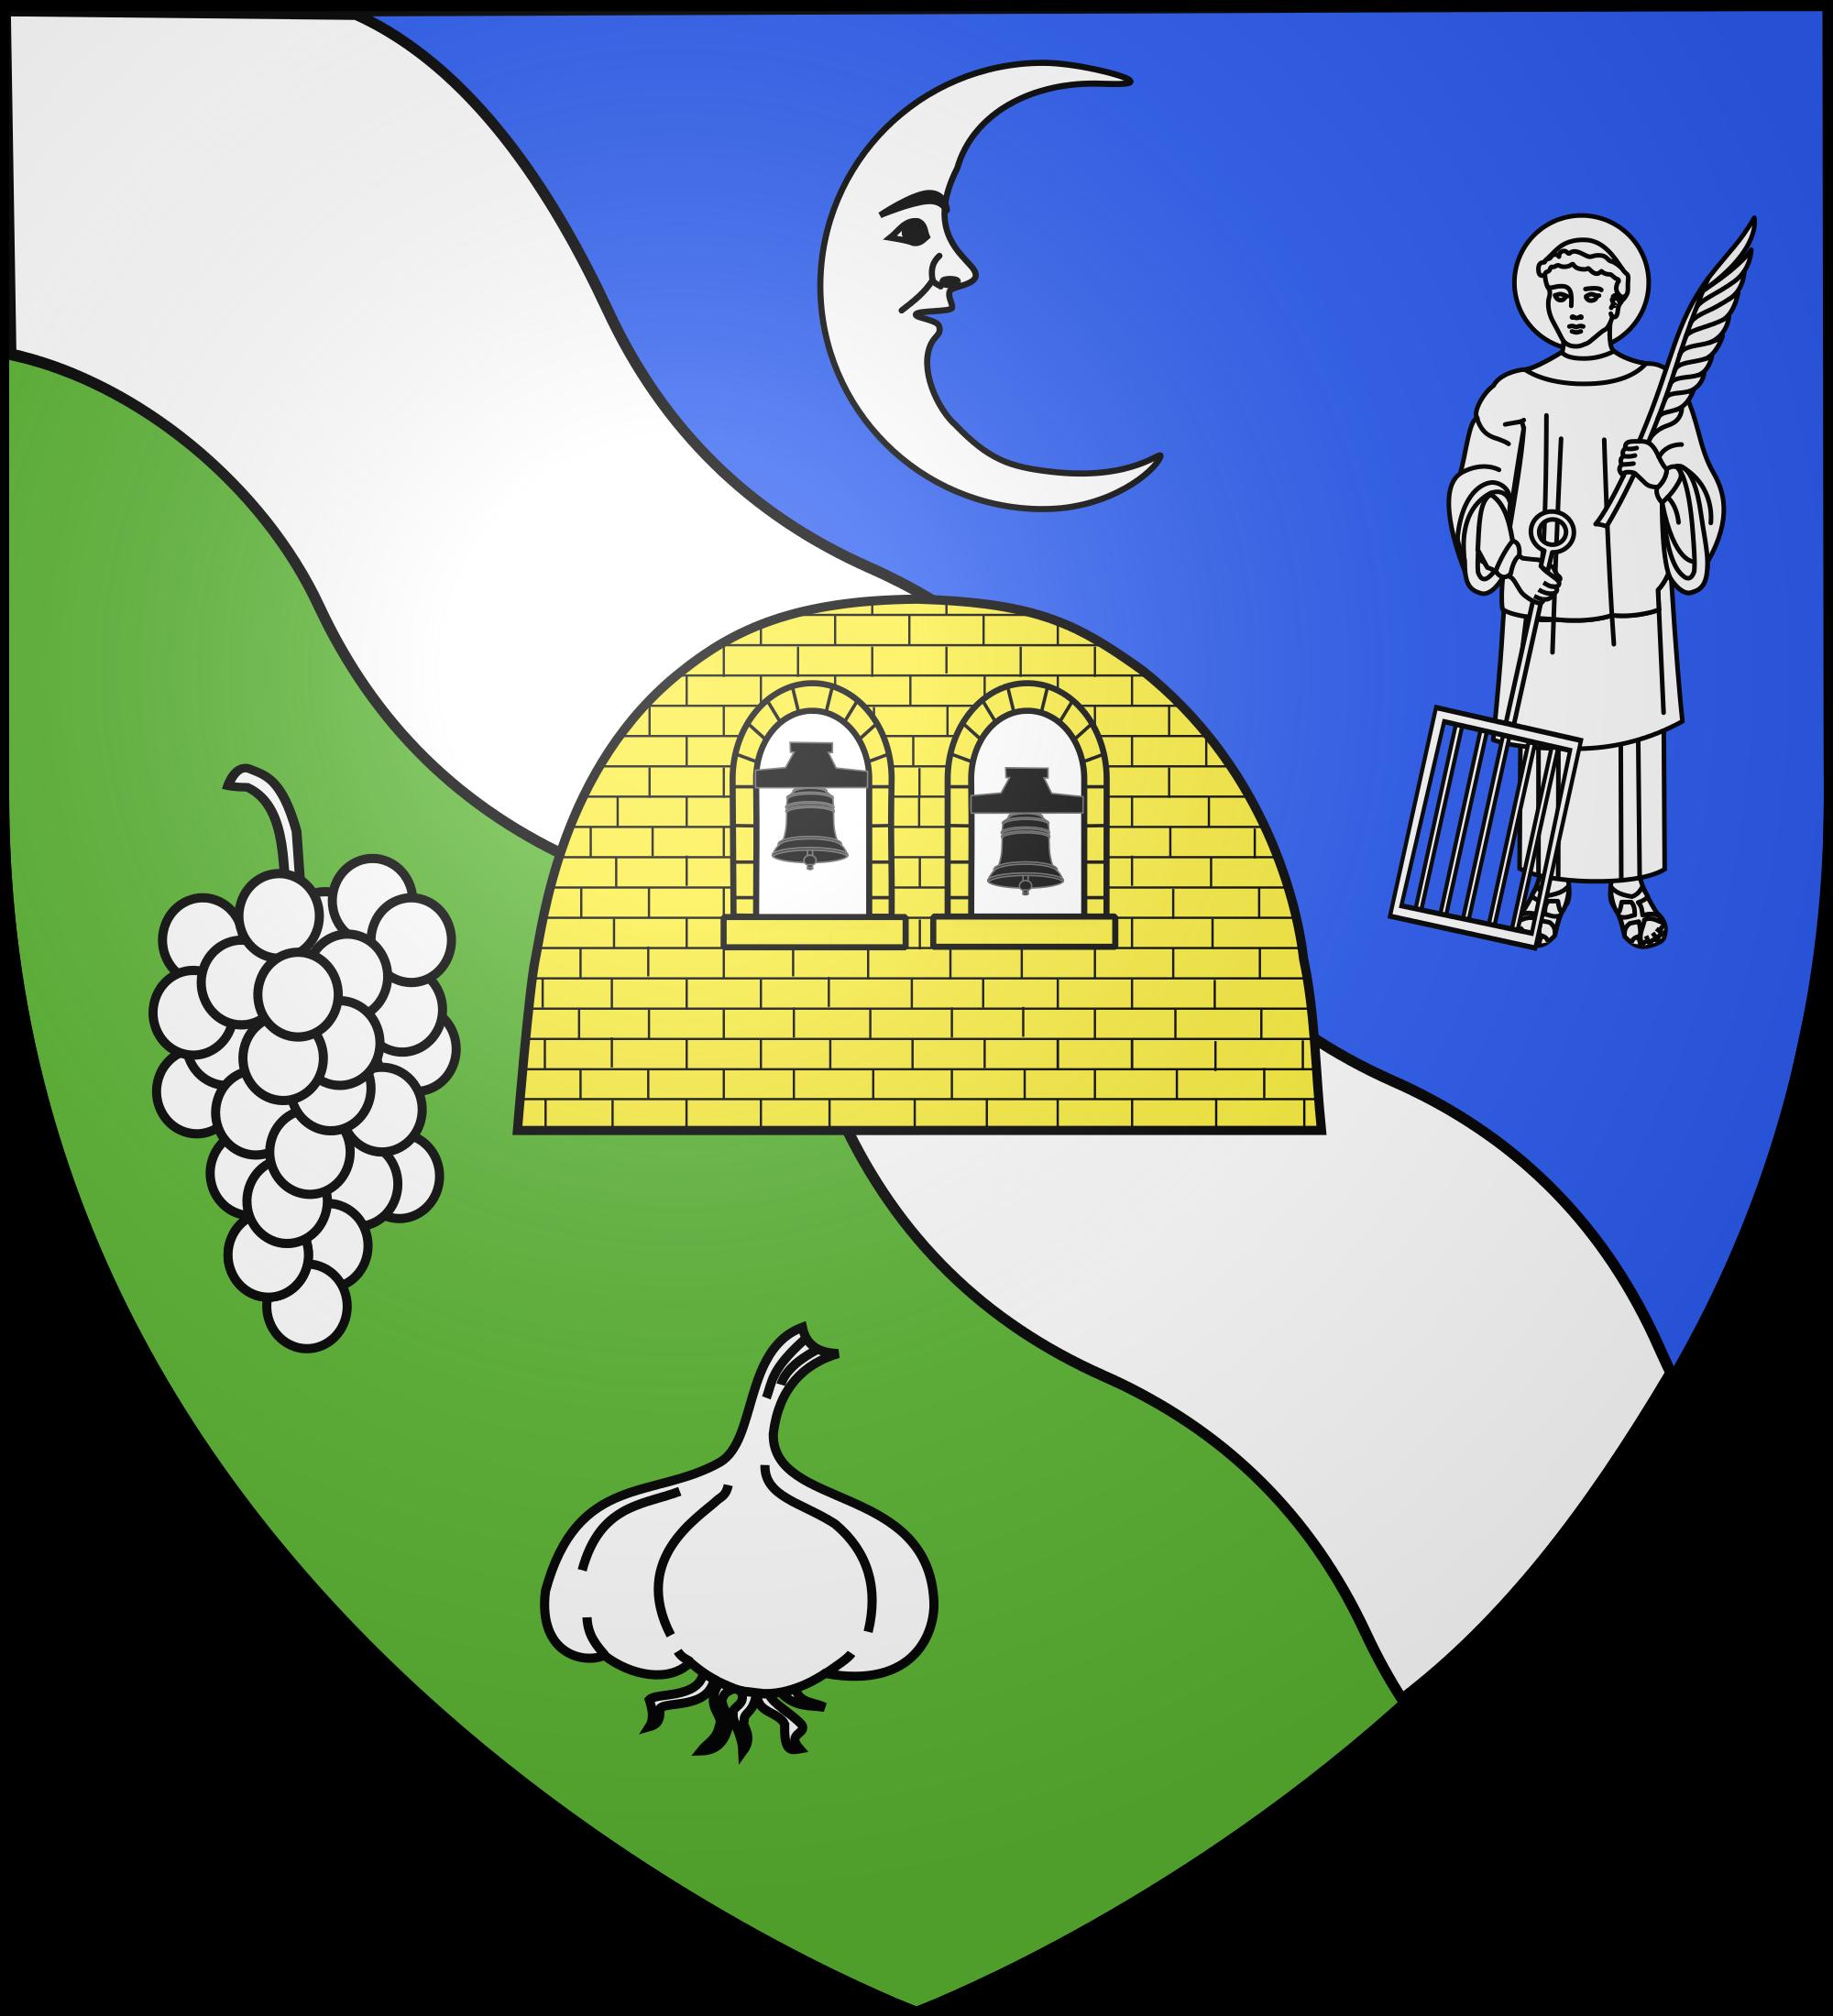 File:Blason ville fr Reignat (Puy.